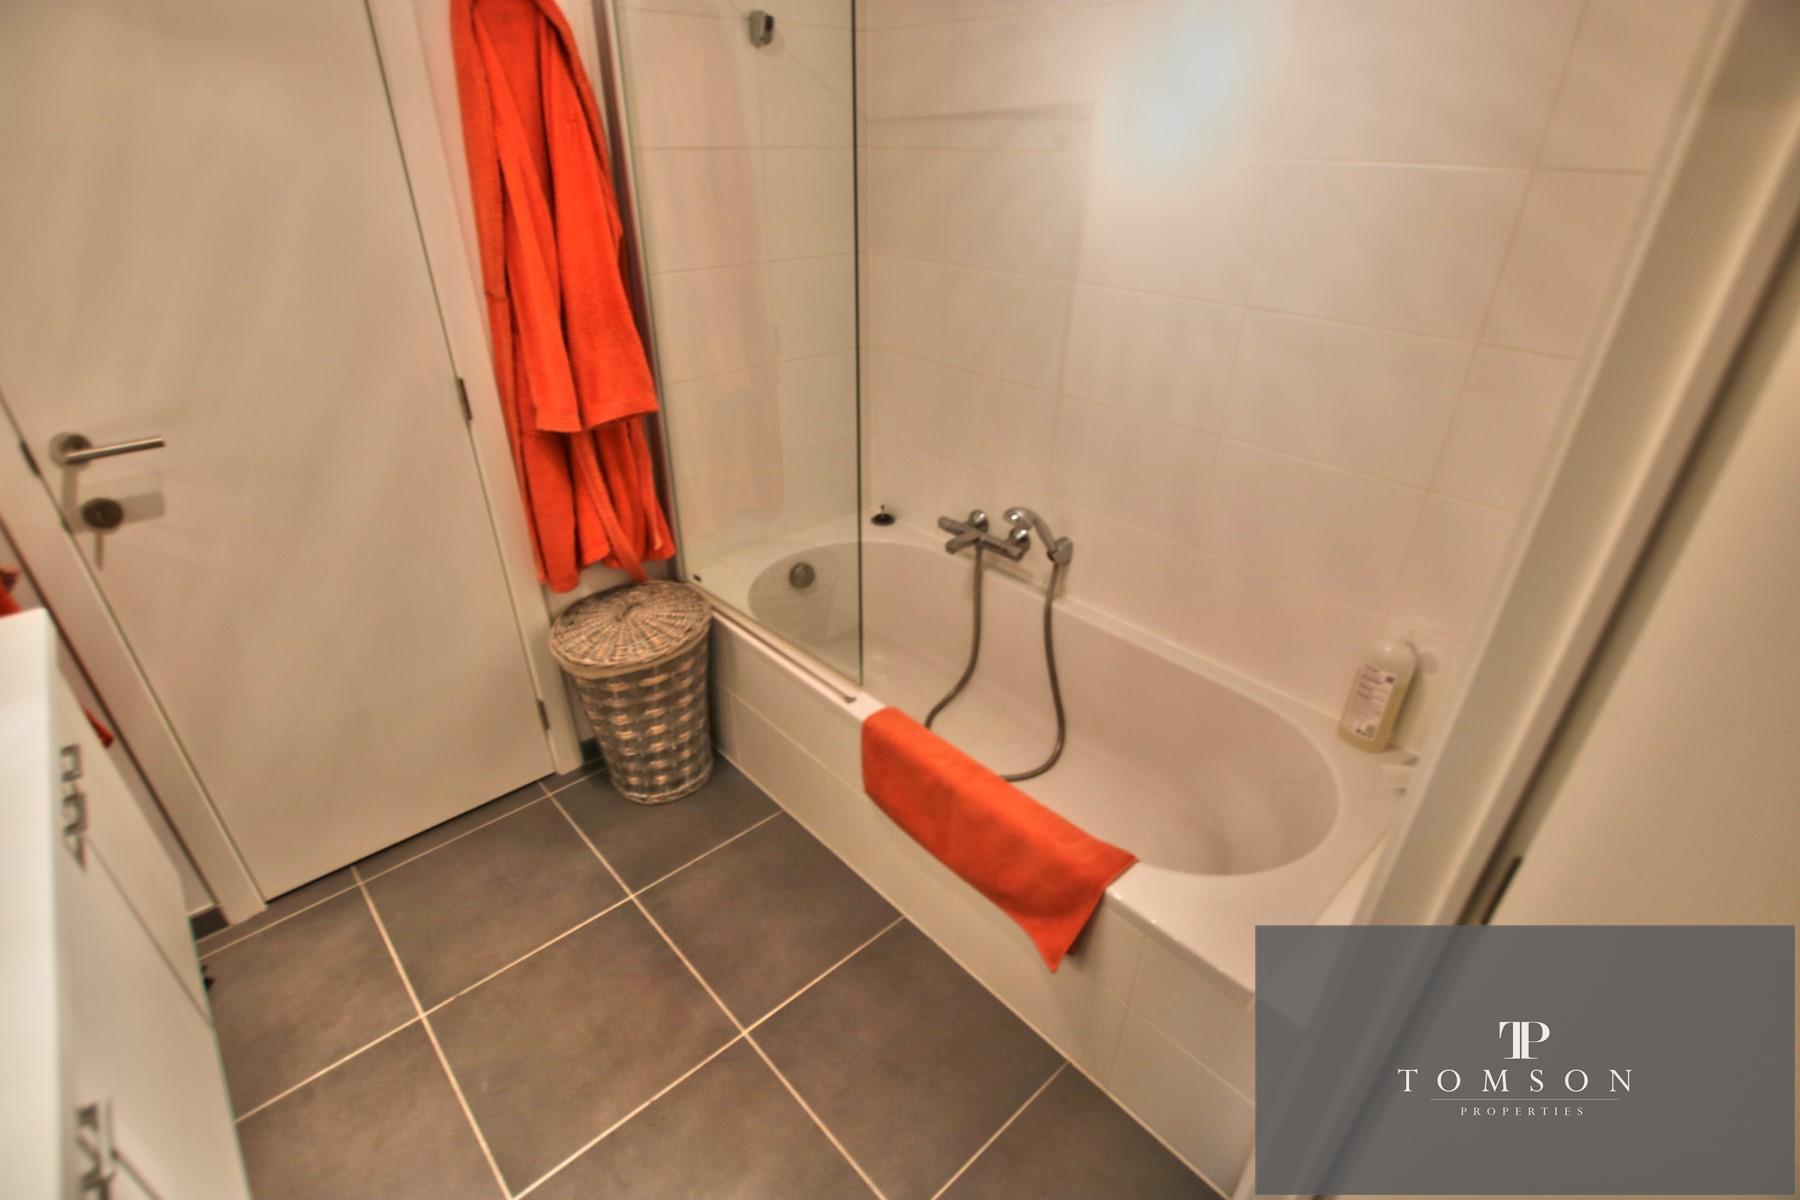 Flat - Ixelles - #4432301-5